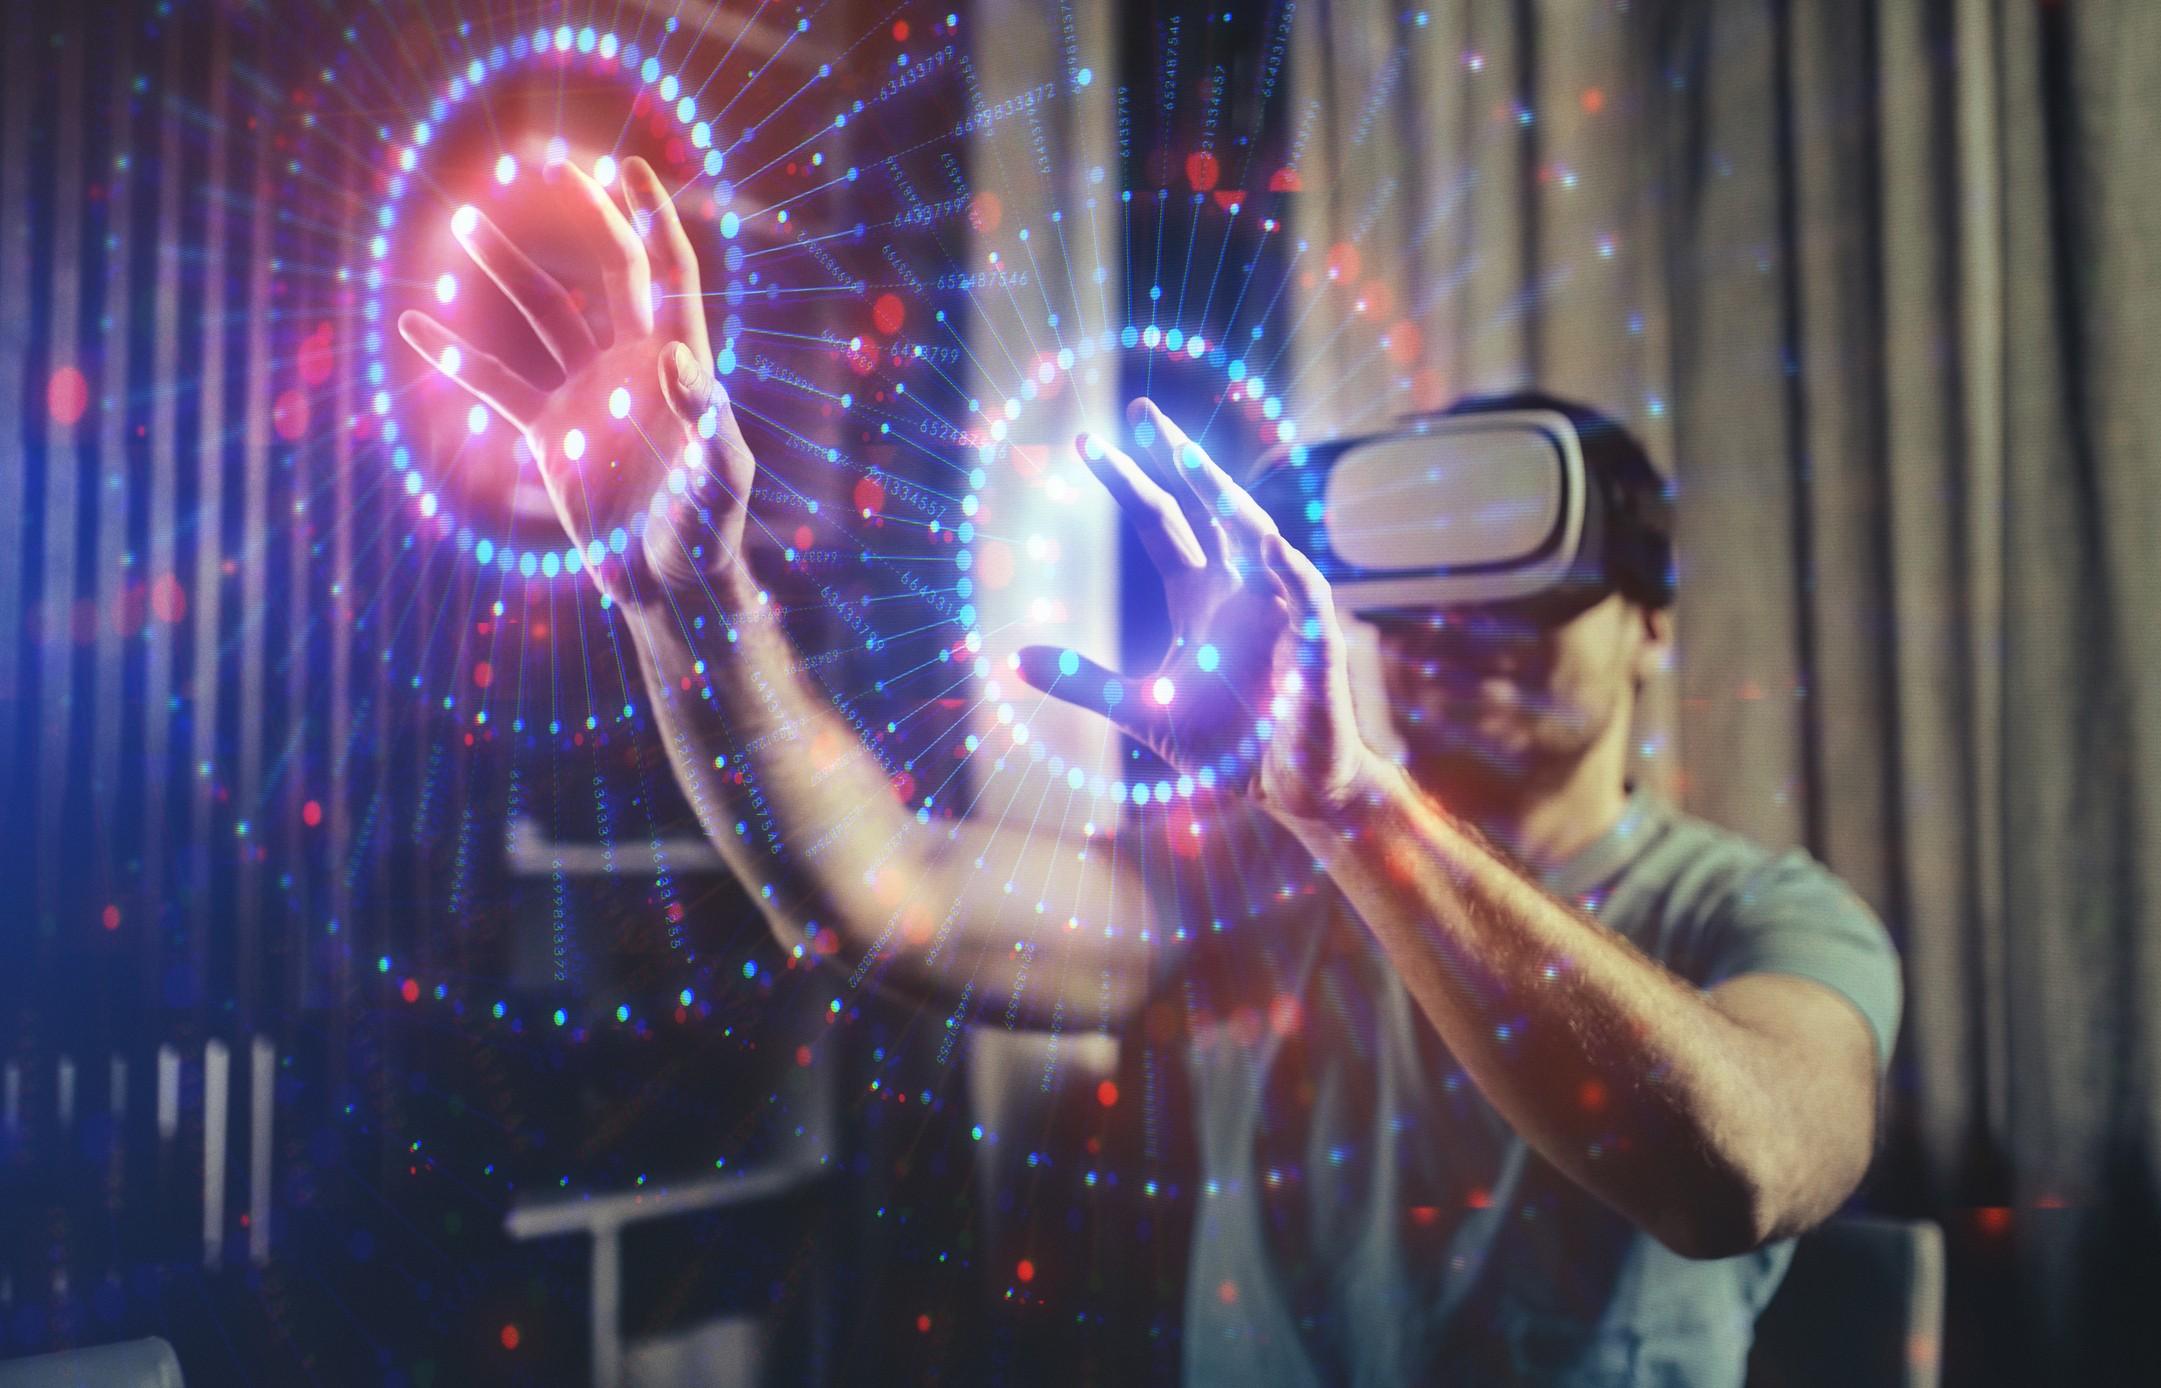 Realidade virtual e outras funcionalidades da computação imersiva são um importante eixo tecnológico (Foto: Getty Images)